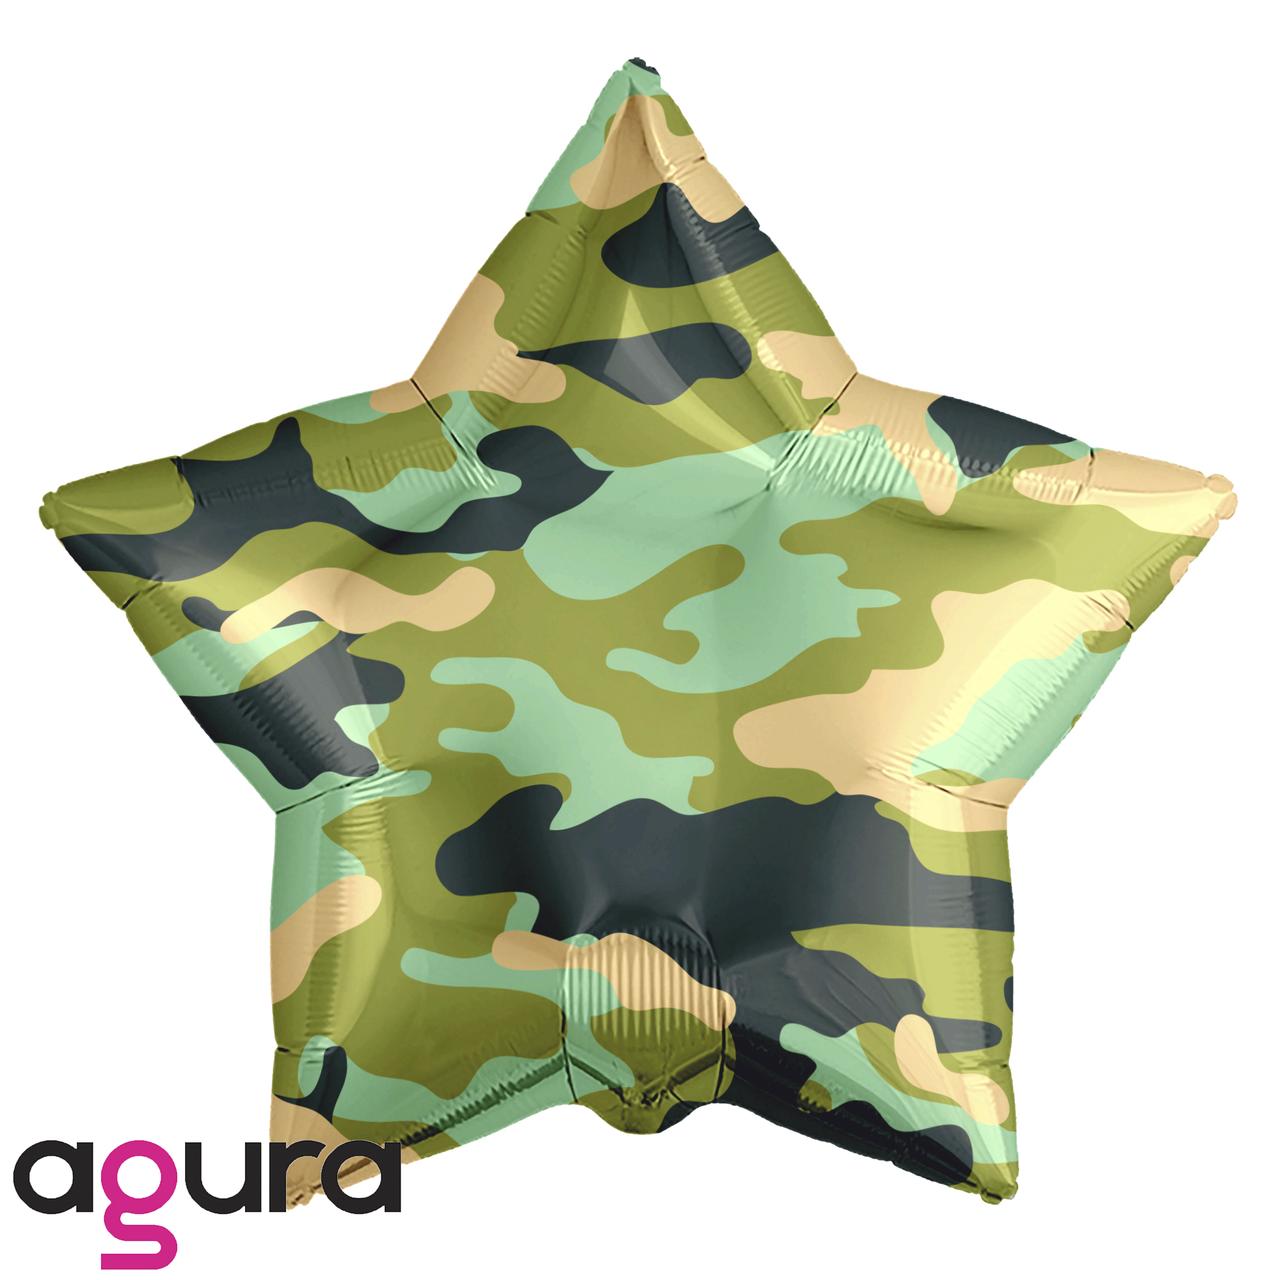 Фольгированный шар звезда Agura (Агура) Камуфляж, 20' 50 см